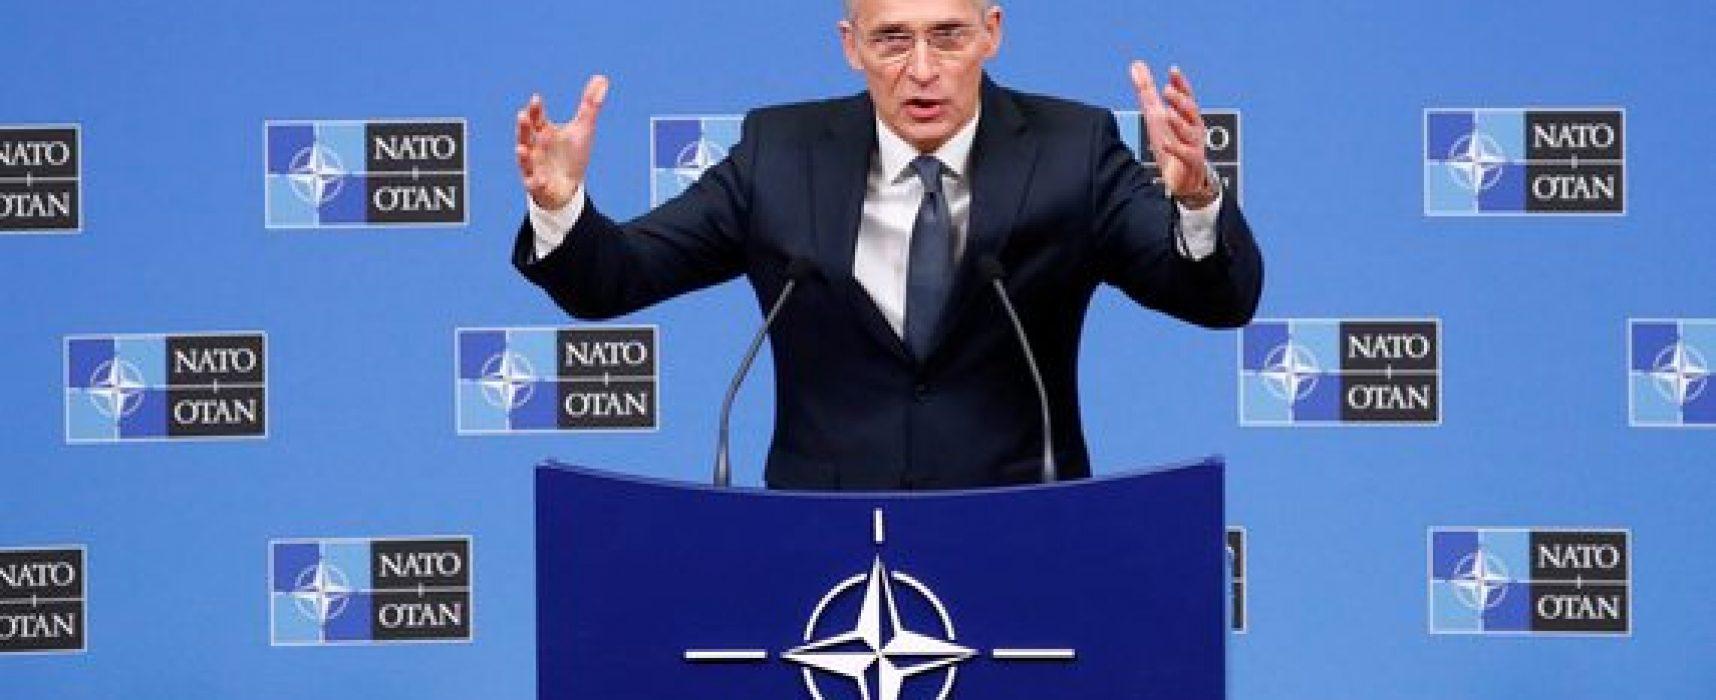 Фейк РІА «Новости»: Генсек НАТО оцінив російську допомогу Італії